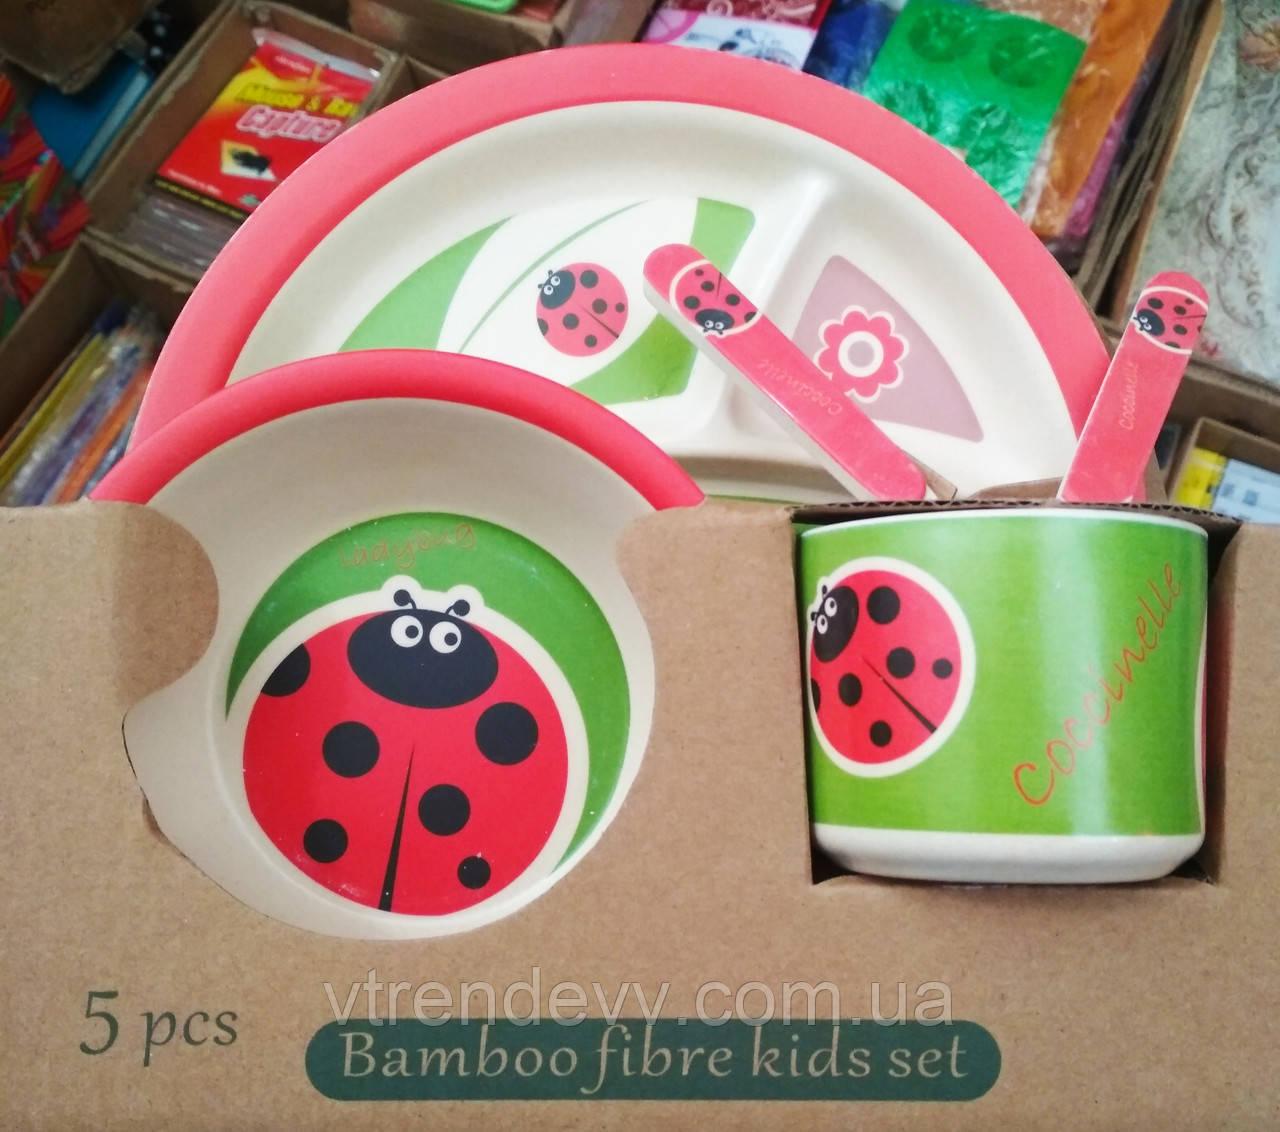 Набор детской посуды из бамбука Bamboo Fibre kids set Божья коровка 5 в 1